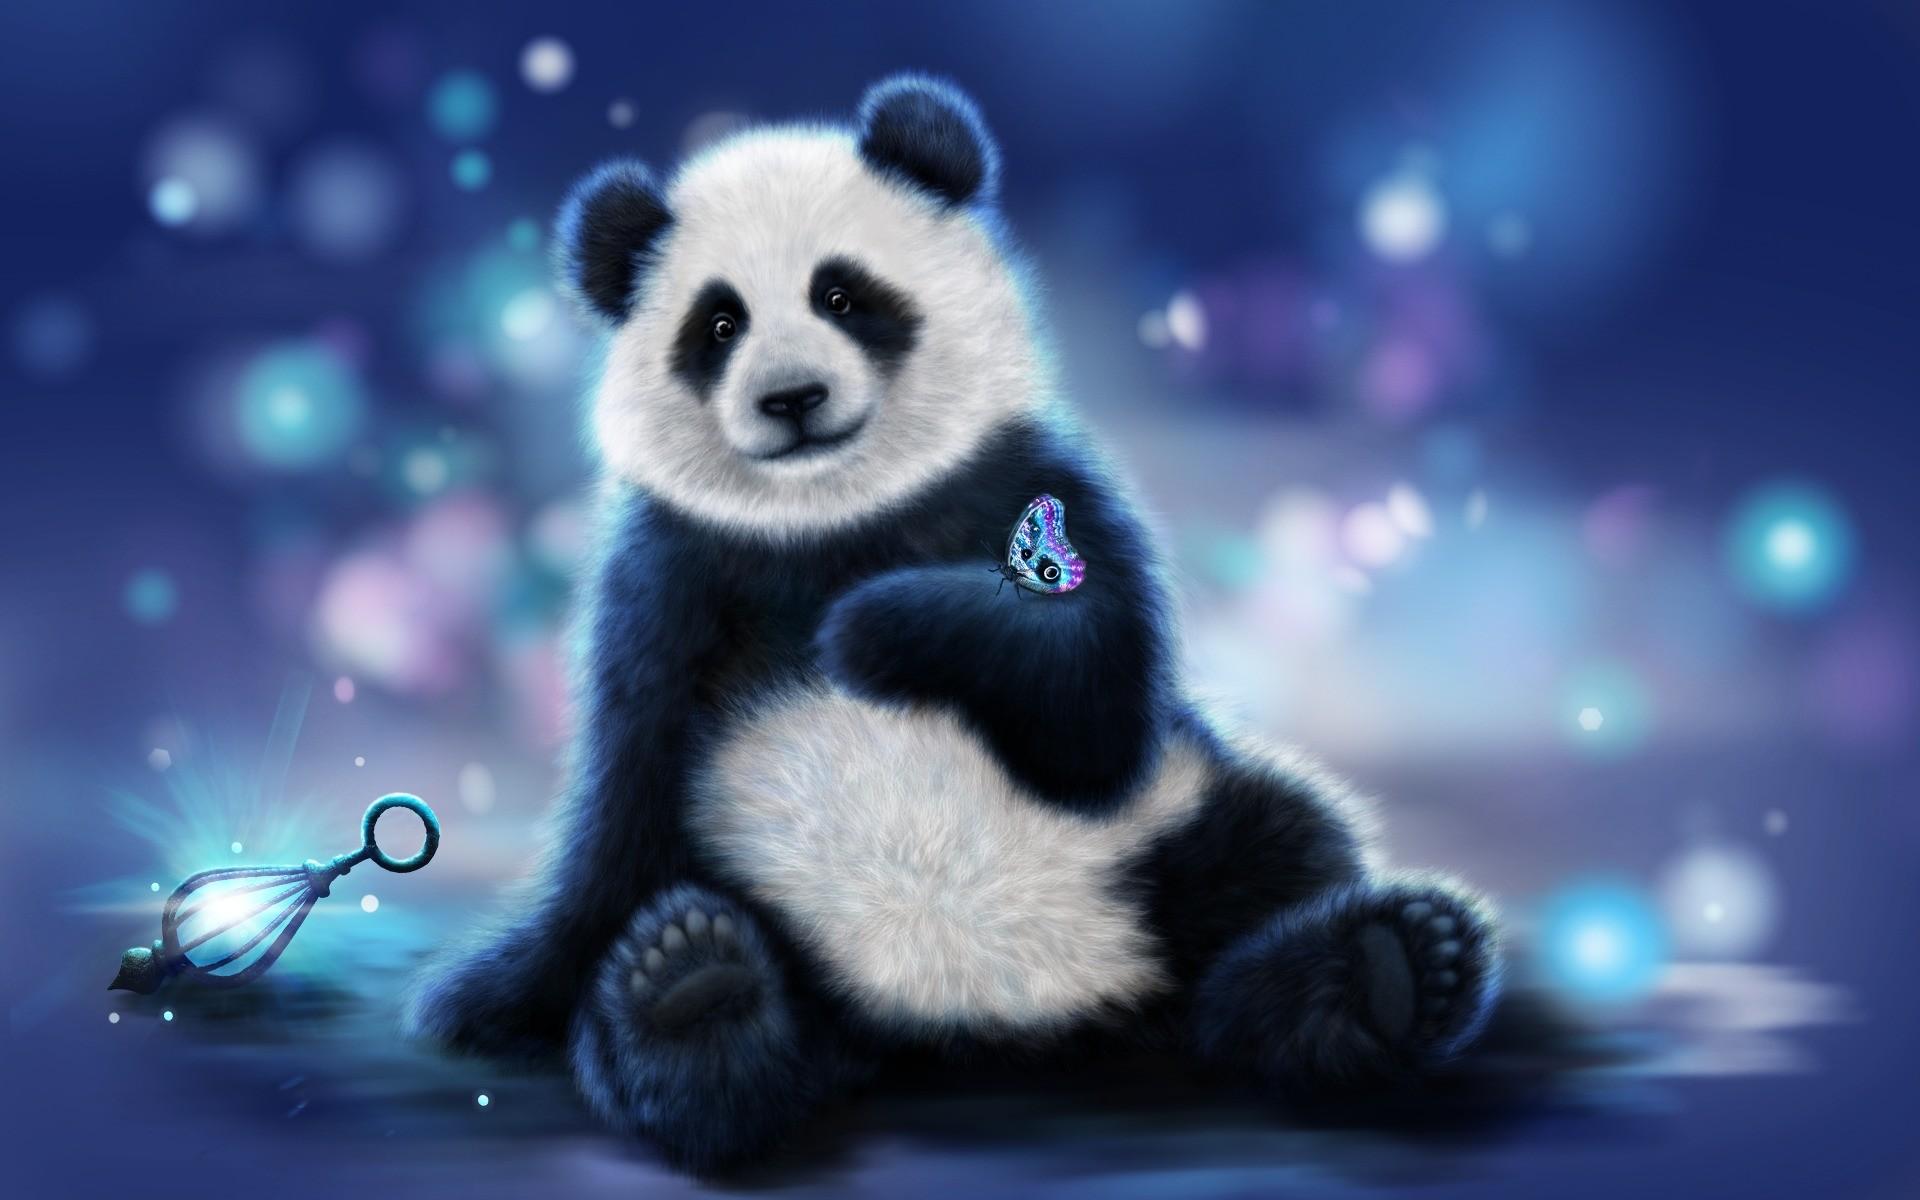 #694800758 Cute Panda Wallpaper for PC, Mobile